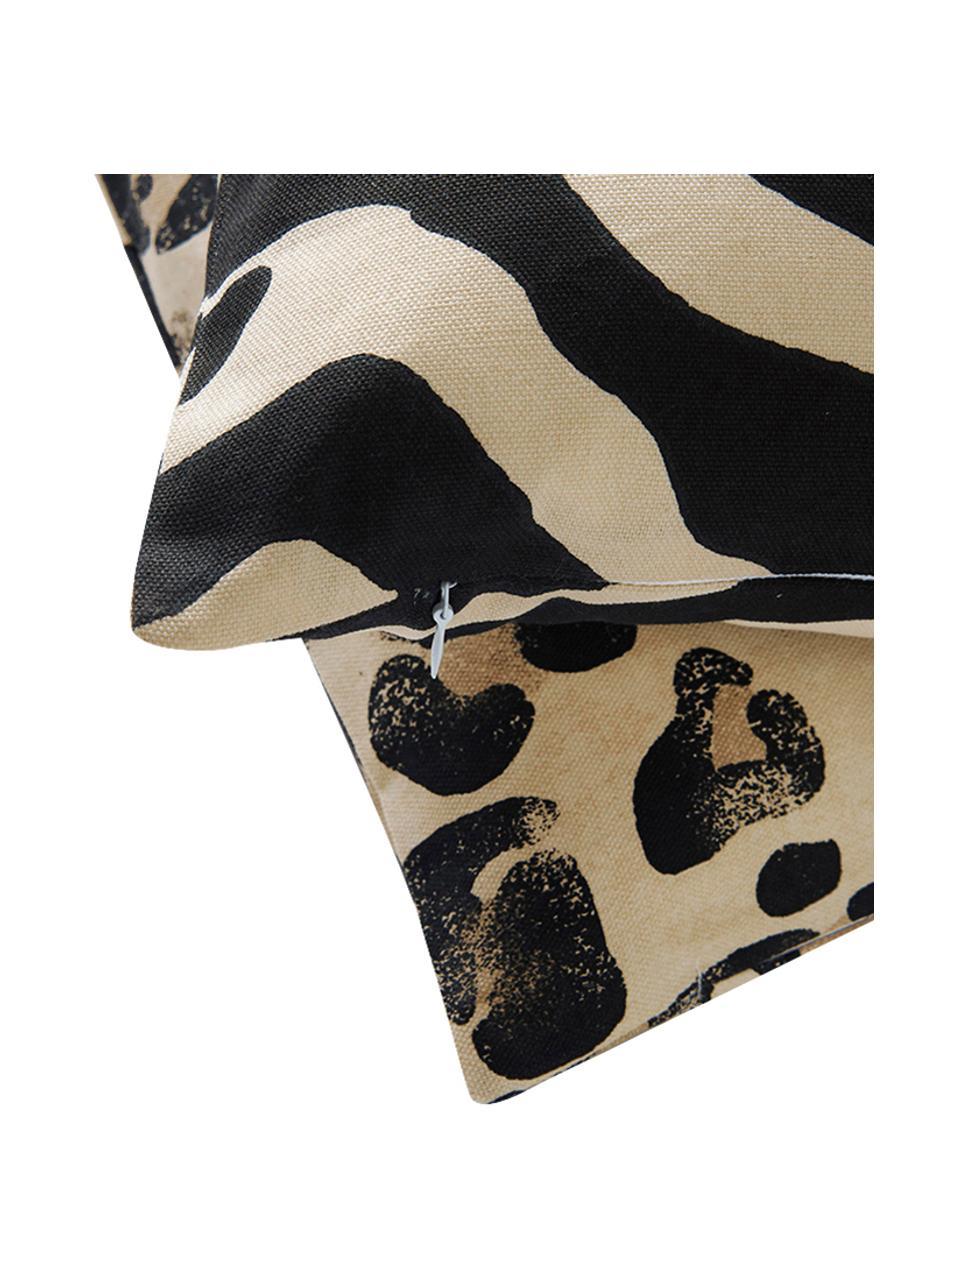 Kussenhoezen Jill met dierenprint, 2 stuks, Katoen, Zwart, beige, 45 x 45 cm